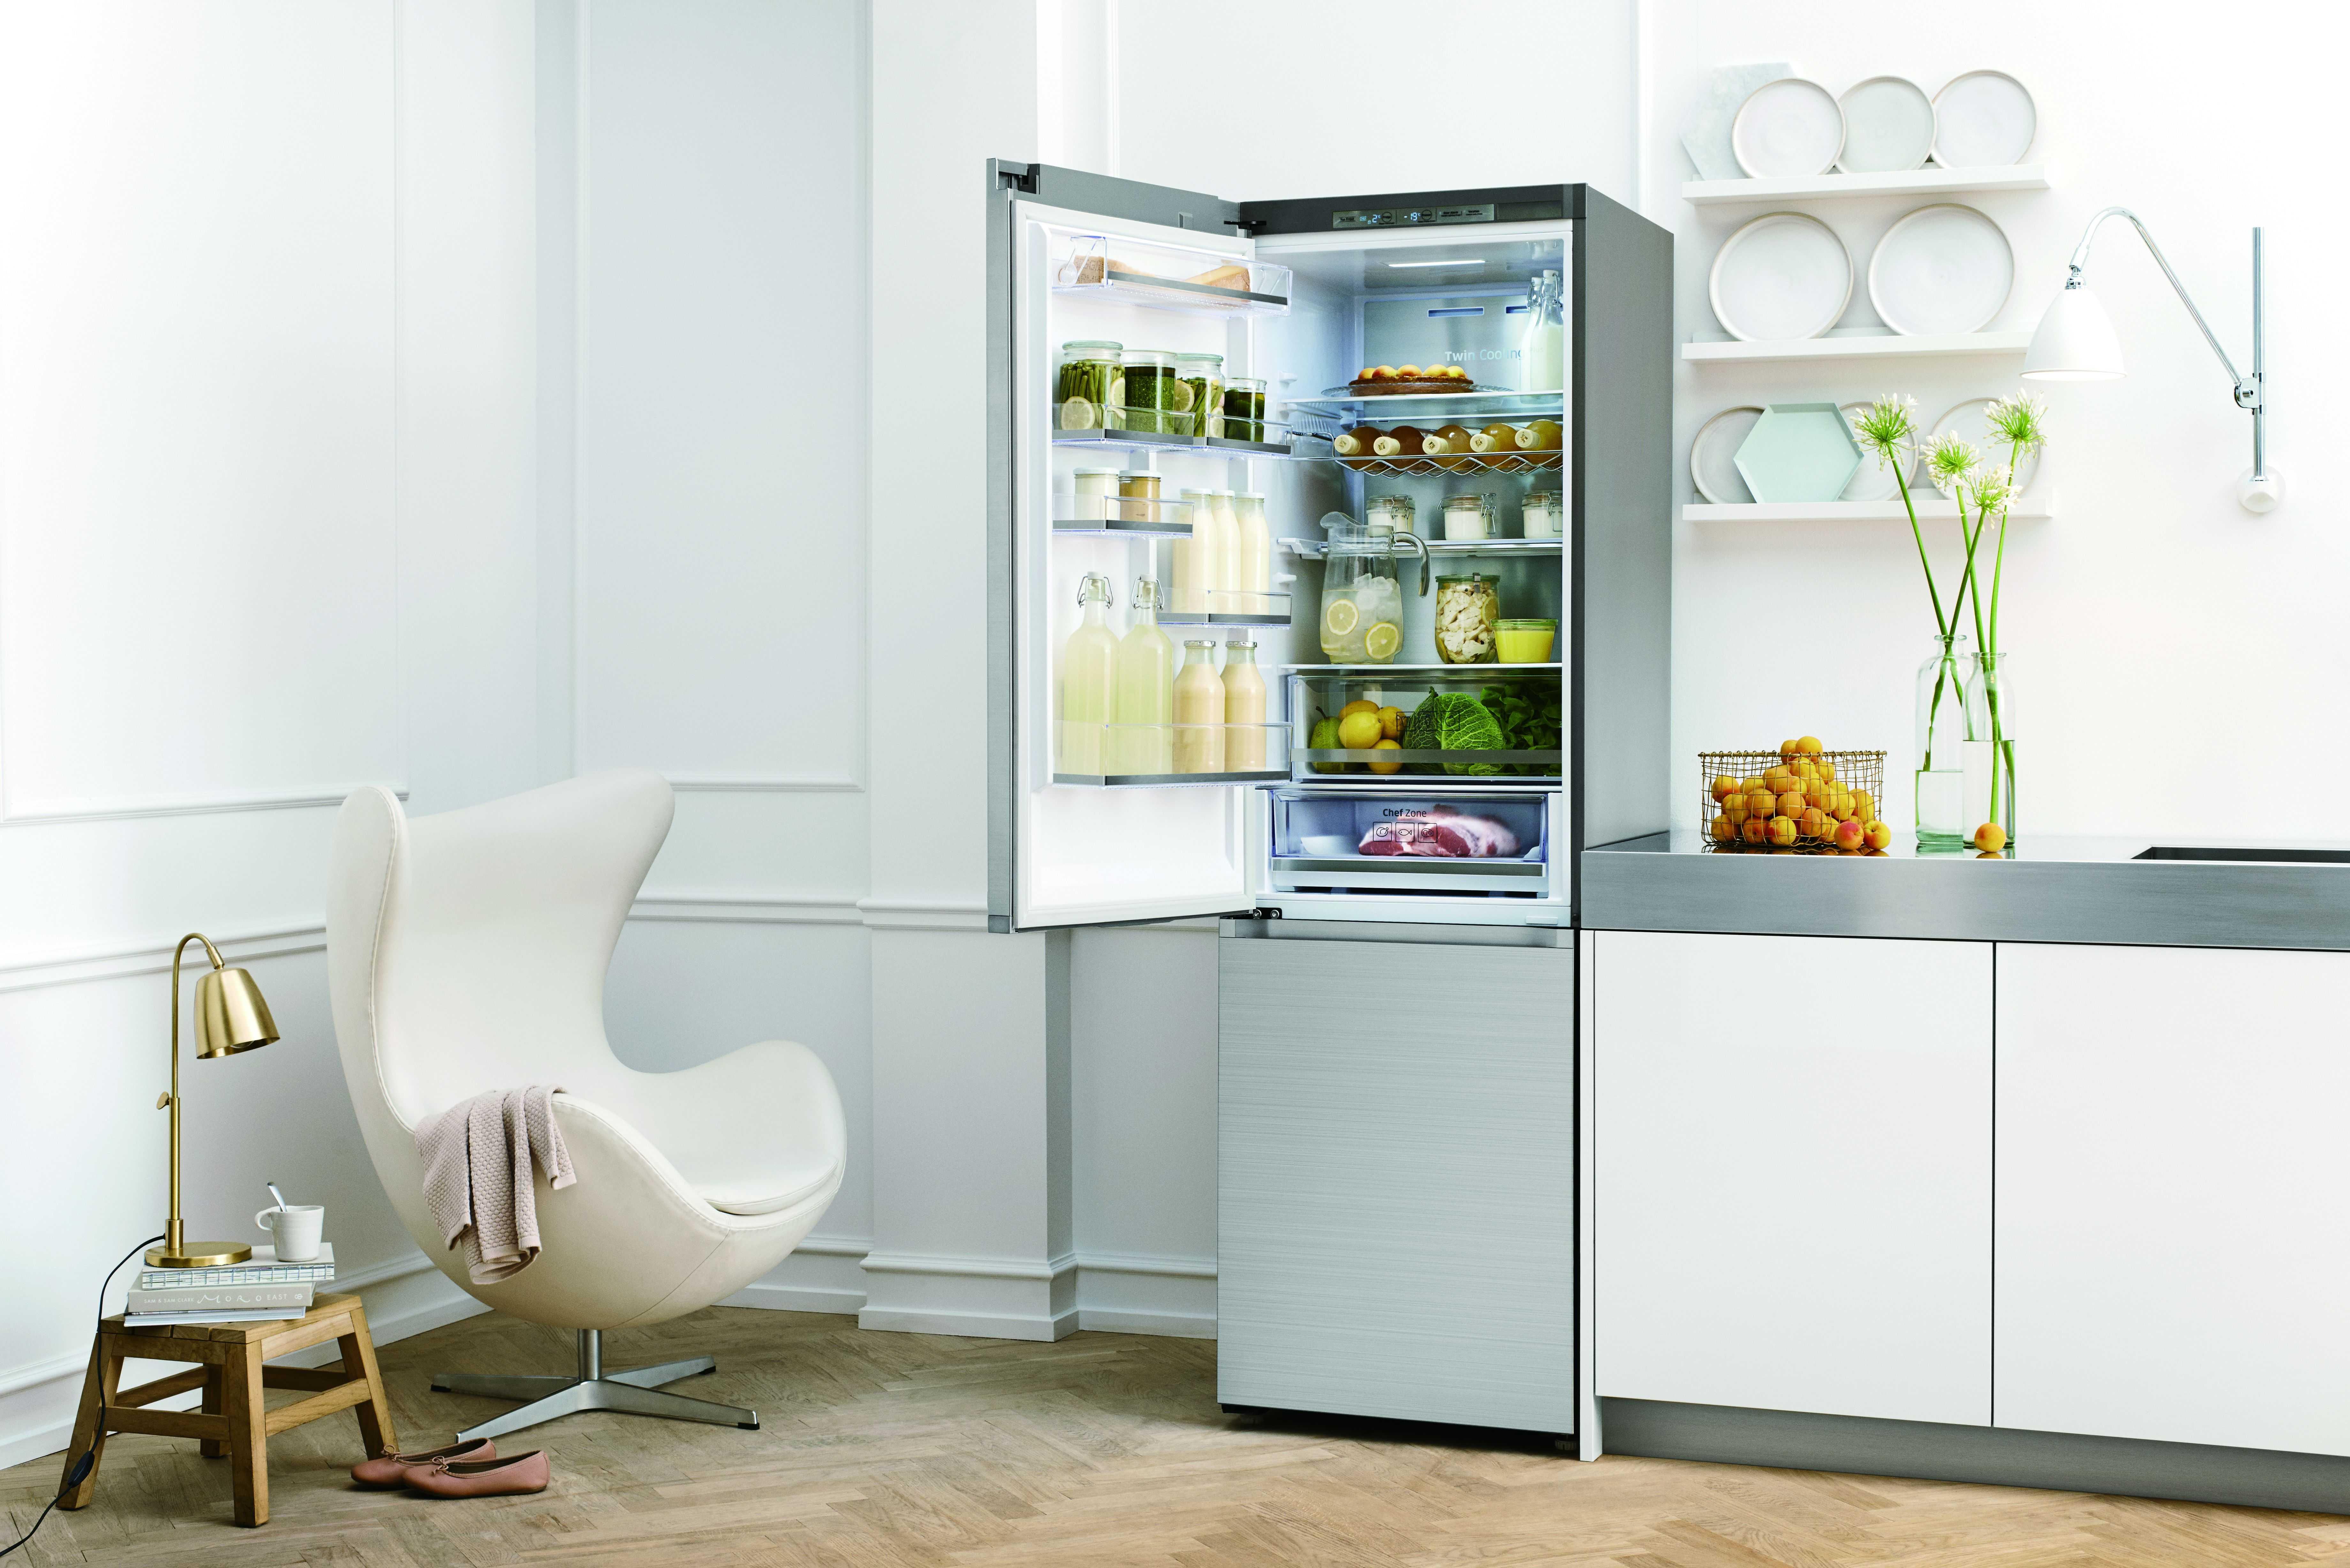 Как выбрать холодильник для дома: советы, мнение специалистов, рейтинг холодильников » интер-ер.ру